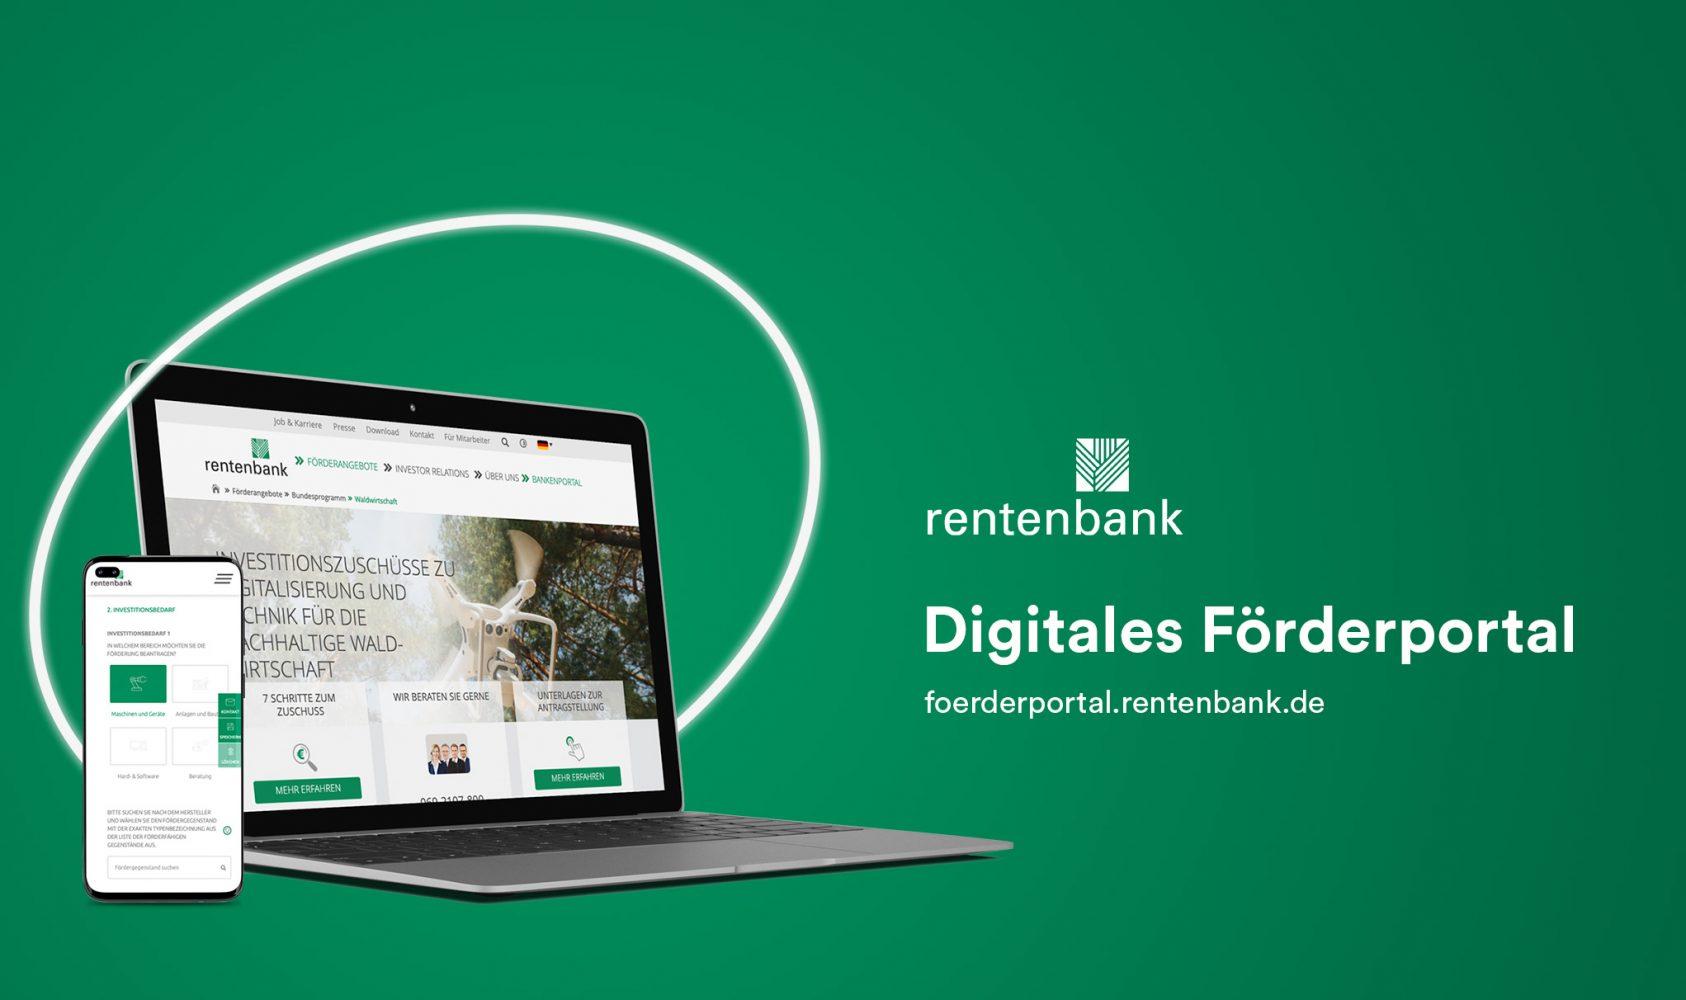 Förderportal der Rentenbank für eine nachhaltige Waldwirtschaft